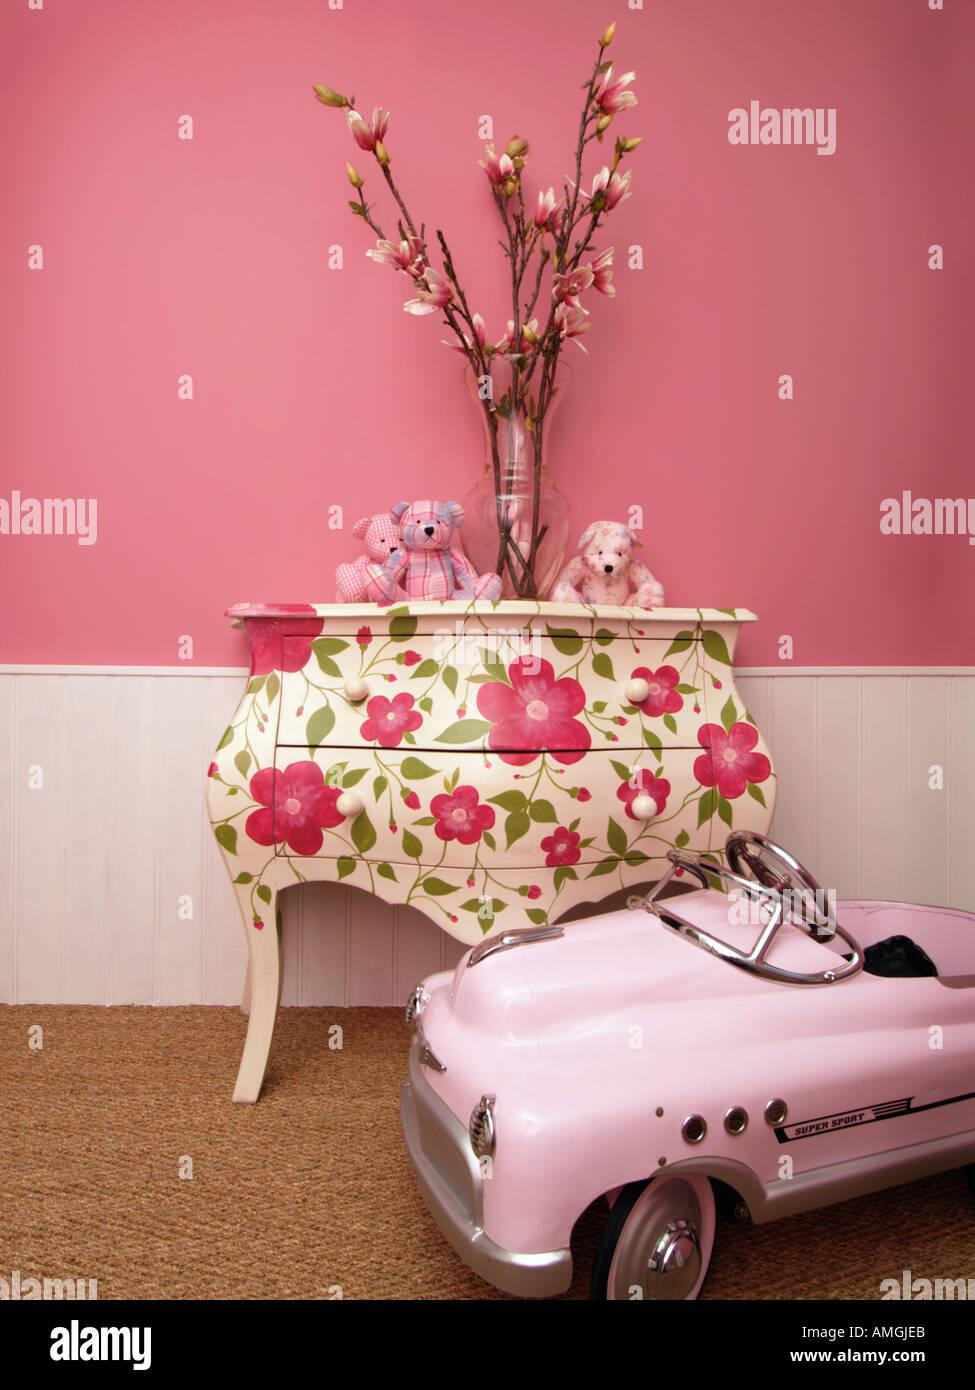 Latest Kinder Mdchen Zimmer Dekoideen Mit Blumen Teddybren Bemalte Mbel Und  Rosa With Deko Ideen Rosa